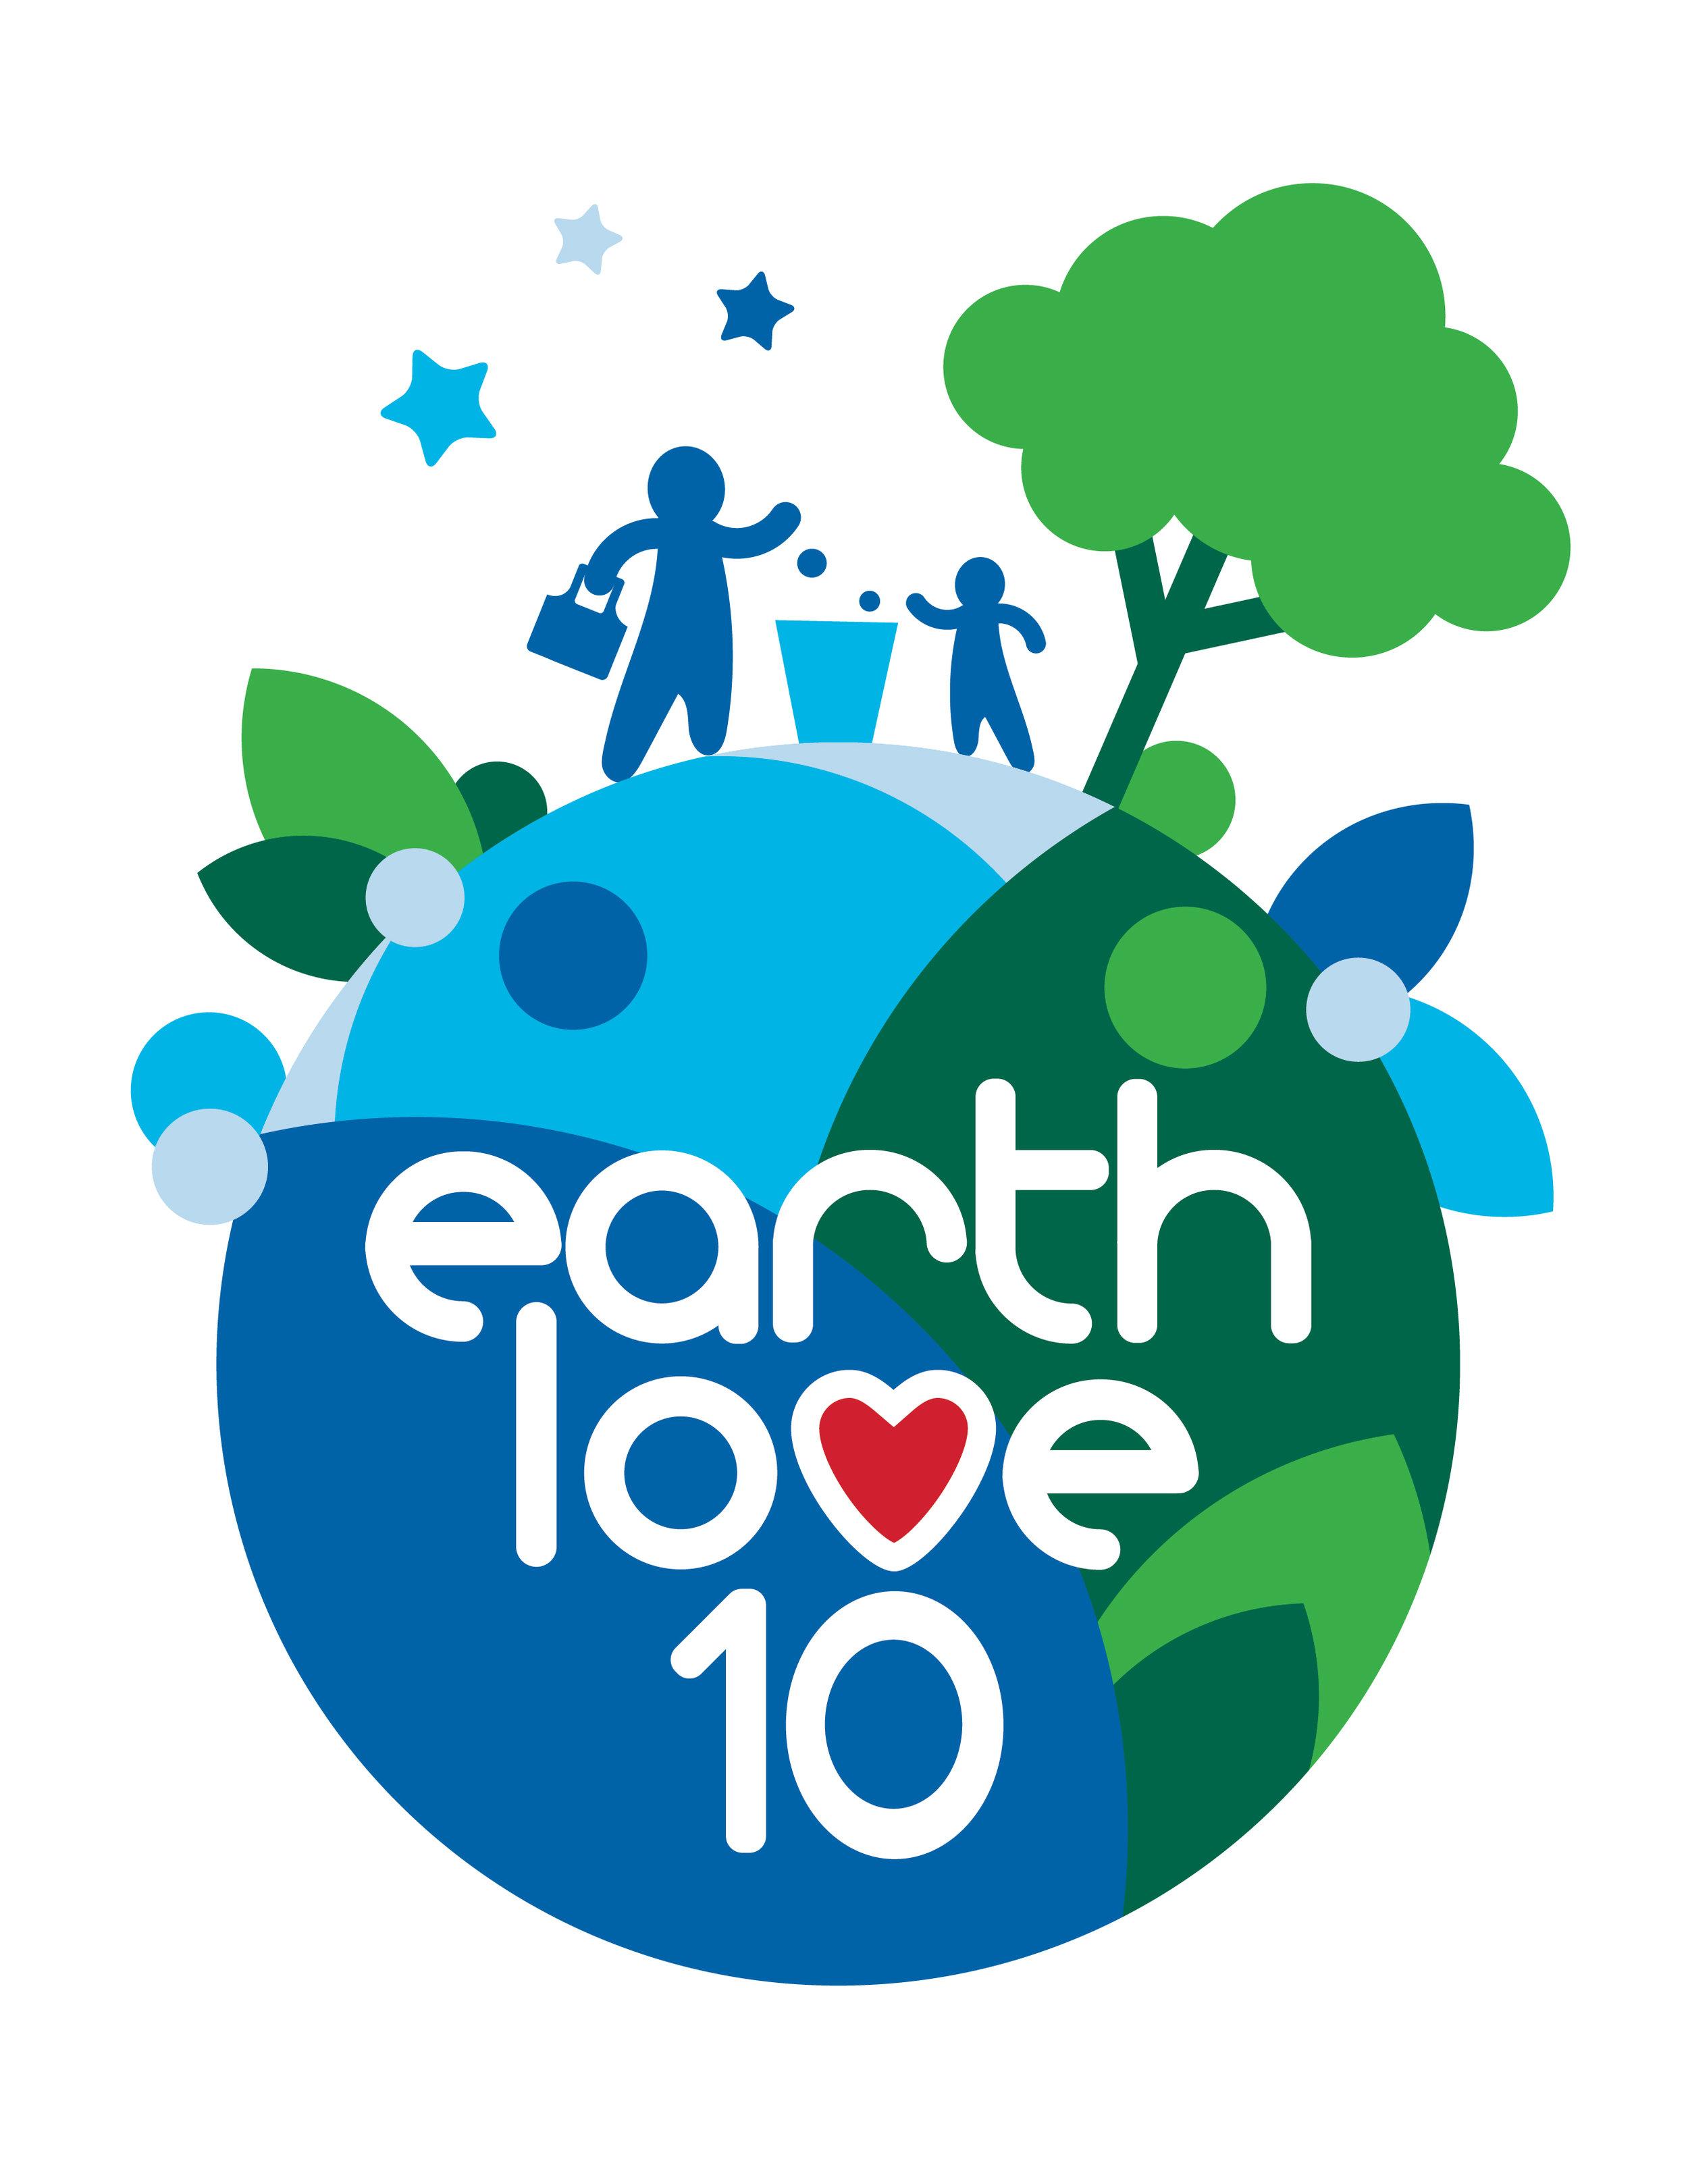 Earth Love 10 full logo_Full Logo.jpg